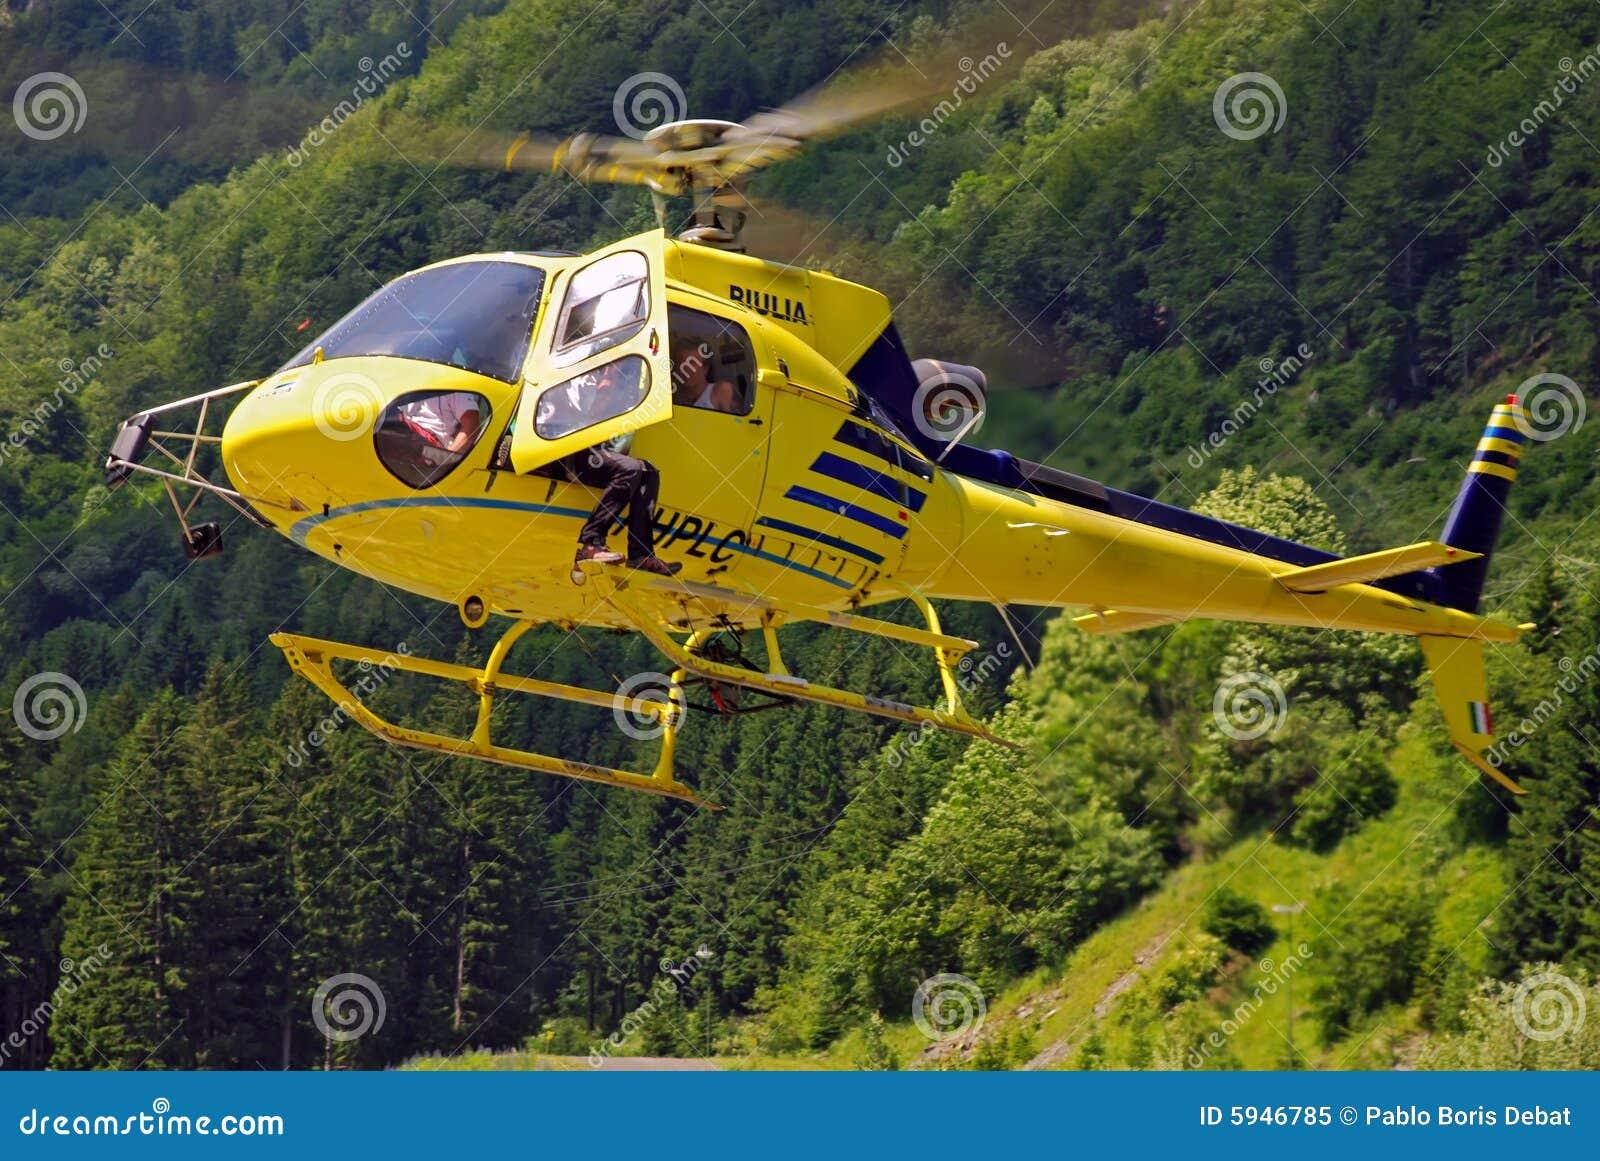 Elicottero Giallo : Atterraggio giallo dell elicottero sulle alpi di carnic